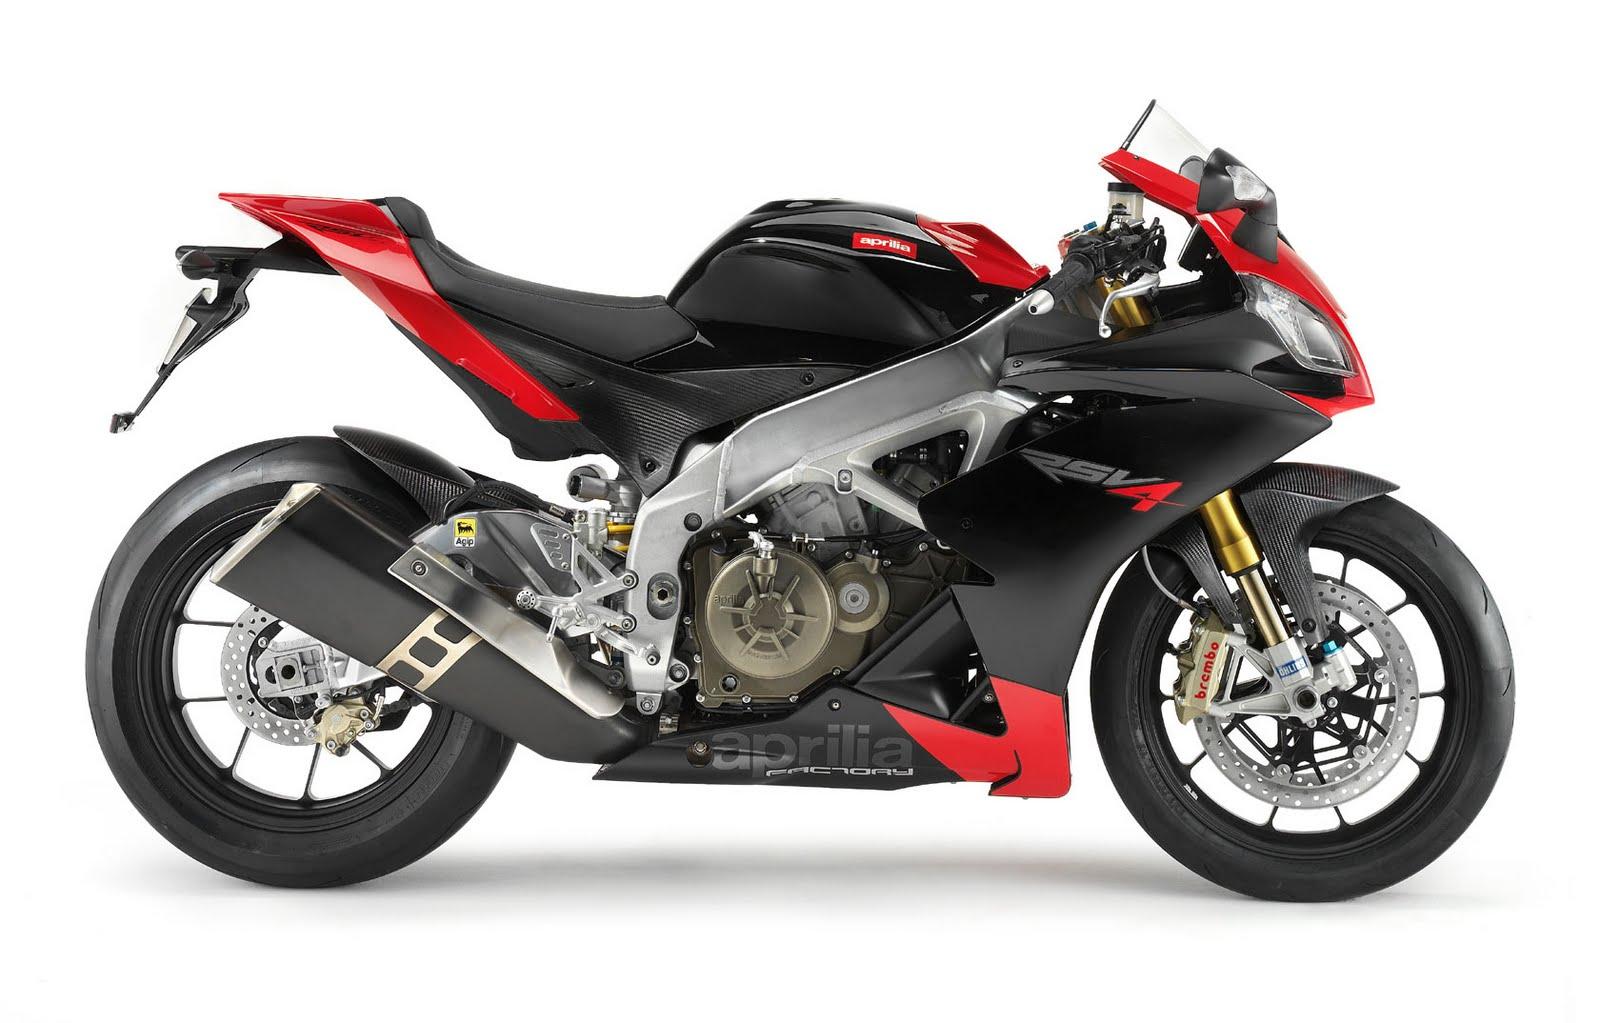 http://4.bp.blogspot.com/-9gkl1Wv1dzU/TeAiiRNDXzI/AAAAAAAAAMQ/0BlMrWJ-CLQ/s1600/2010-Aprilia-RSV4-Factory-Motorcycle.jpg